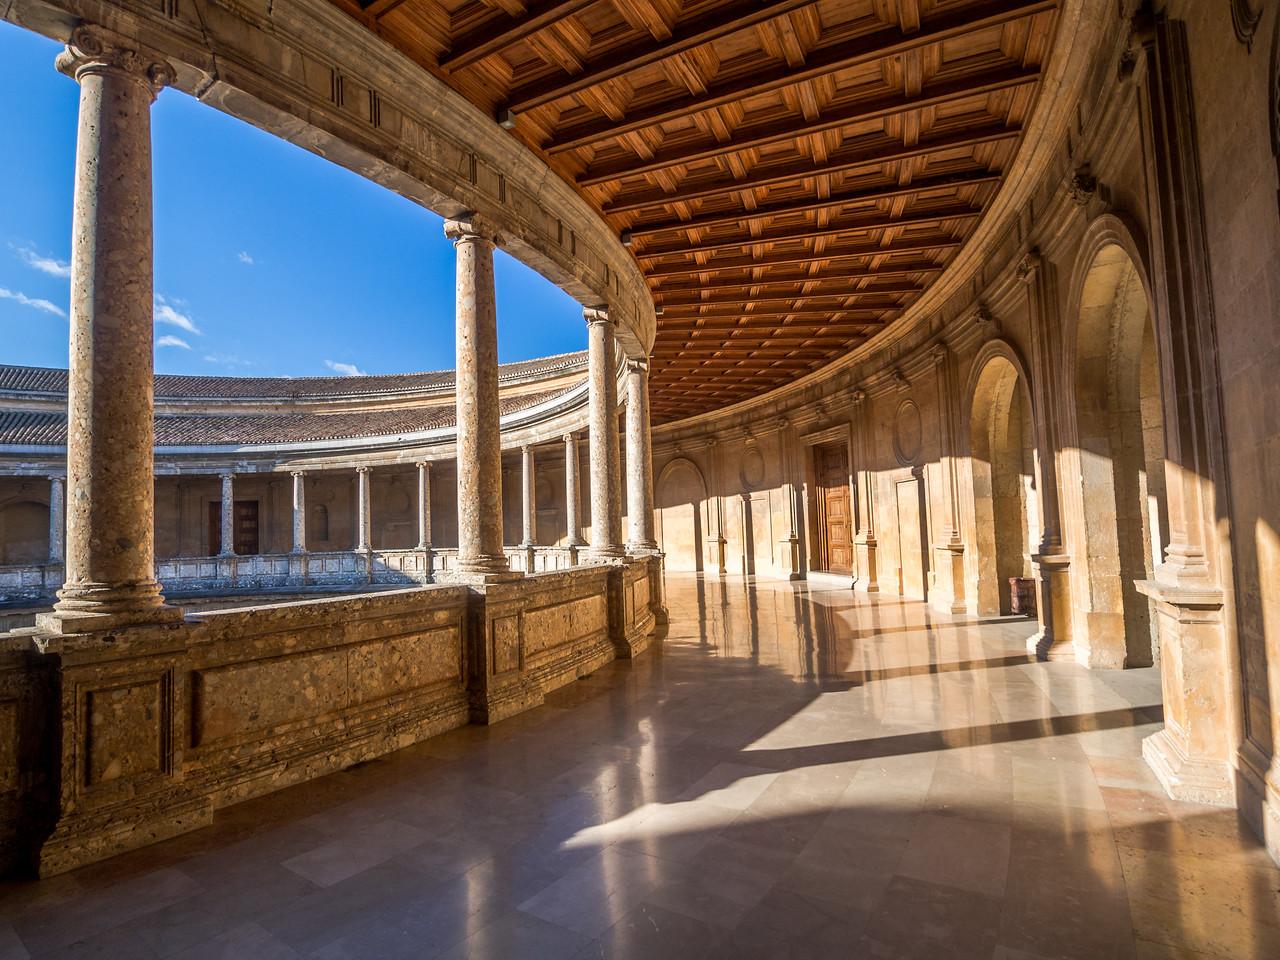 Inside the Palacio de Carlos V, Alhambra, Granada, Spain